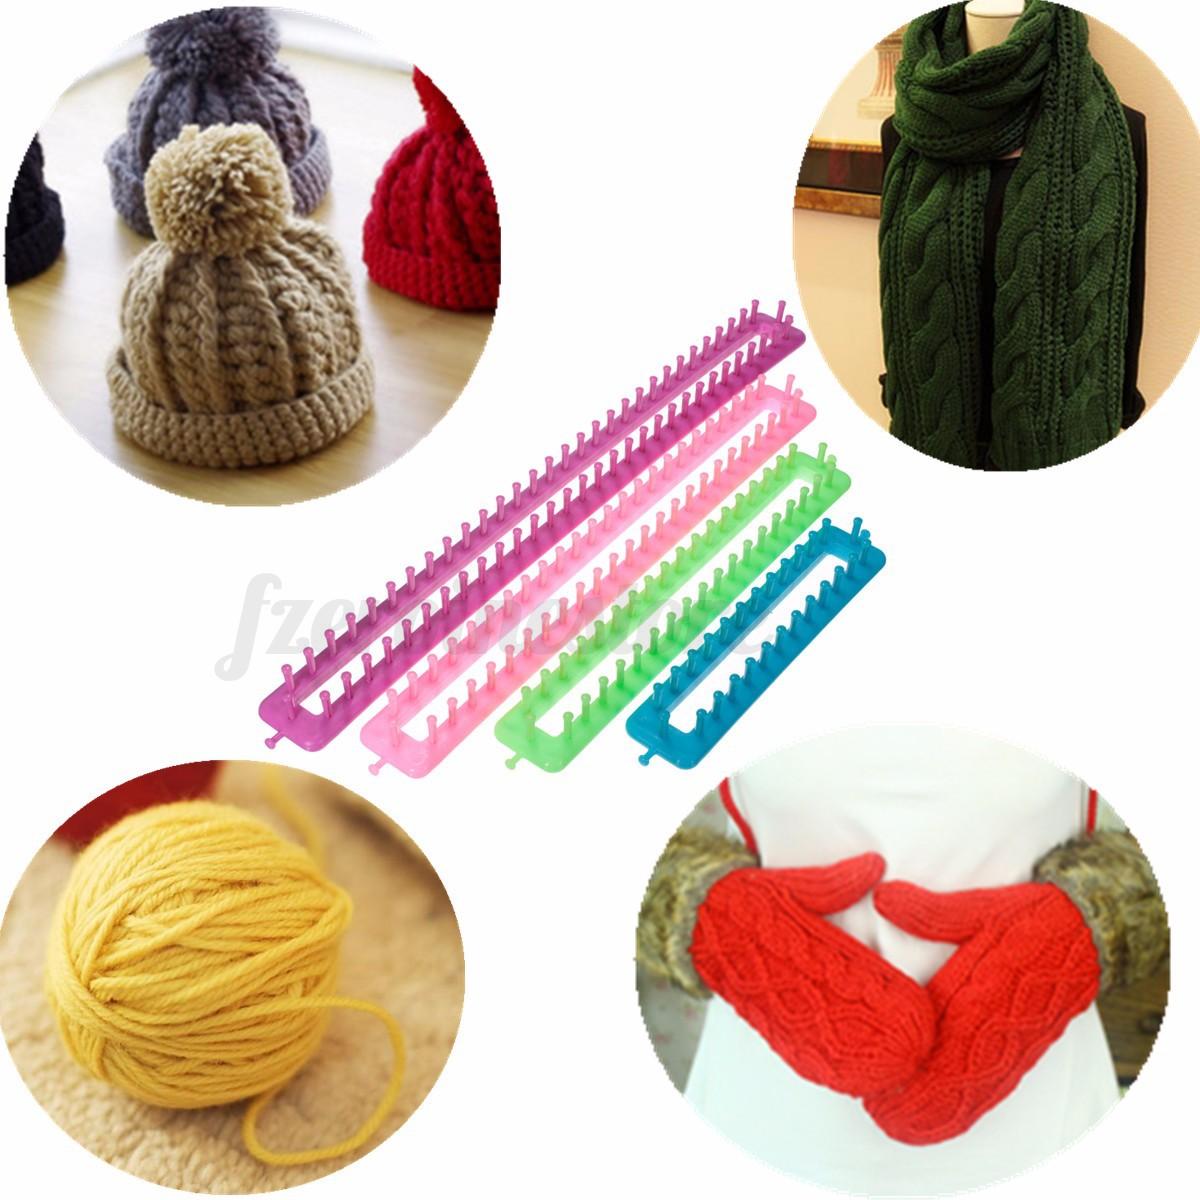 Loom Knitting Kits Uk : Long knitting knitter looms set pompom maker craft kit